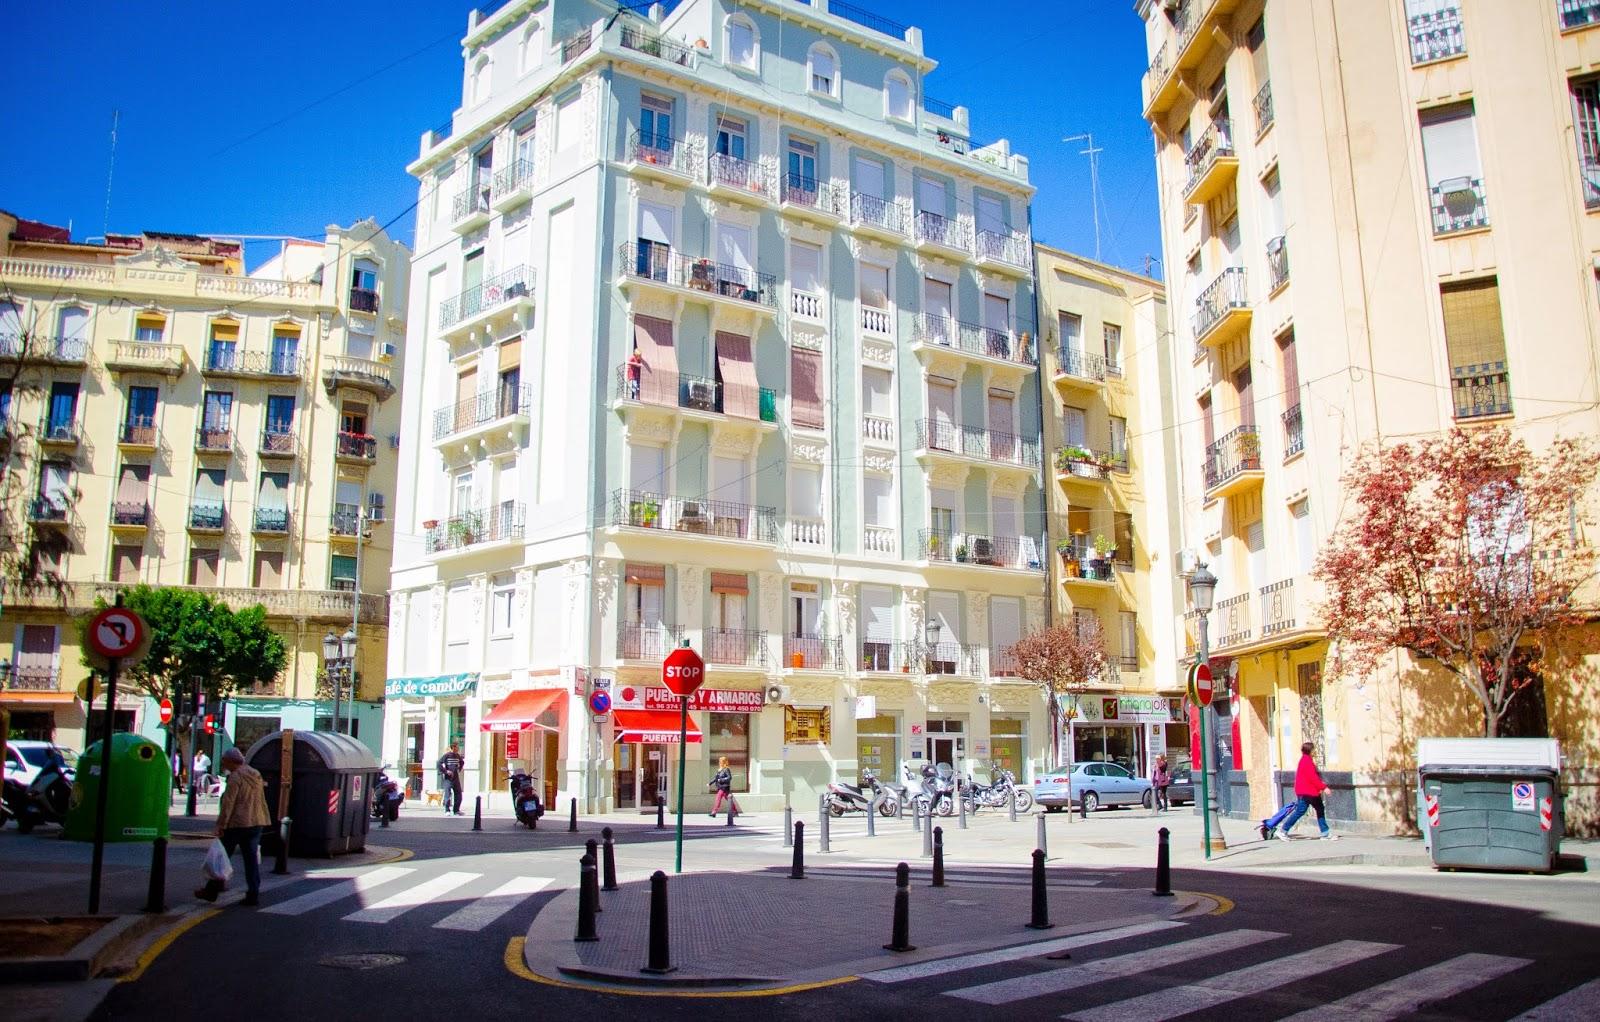 Ruzafa, el barrio de moda en Valencia - ruzafaparavivir.com